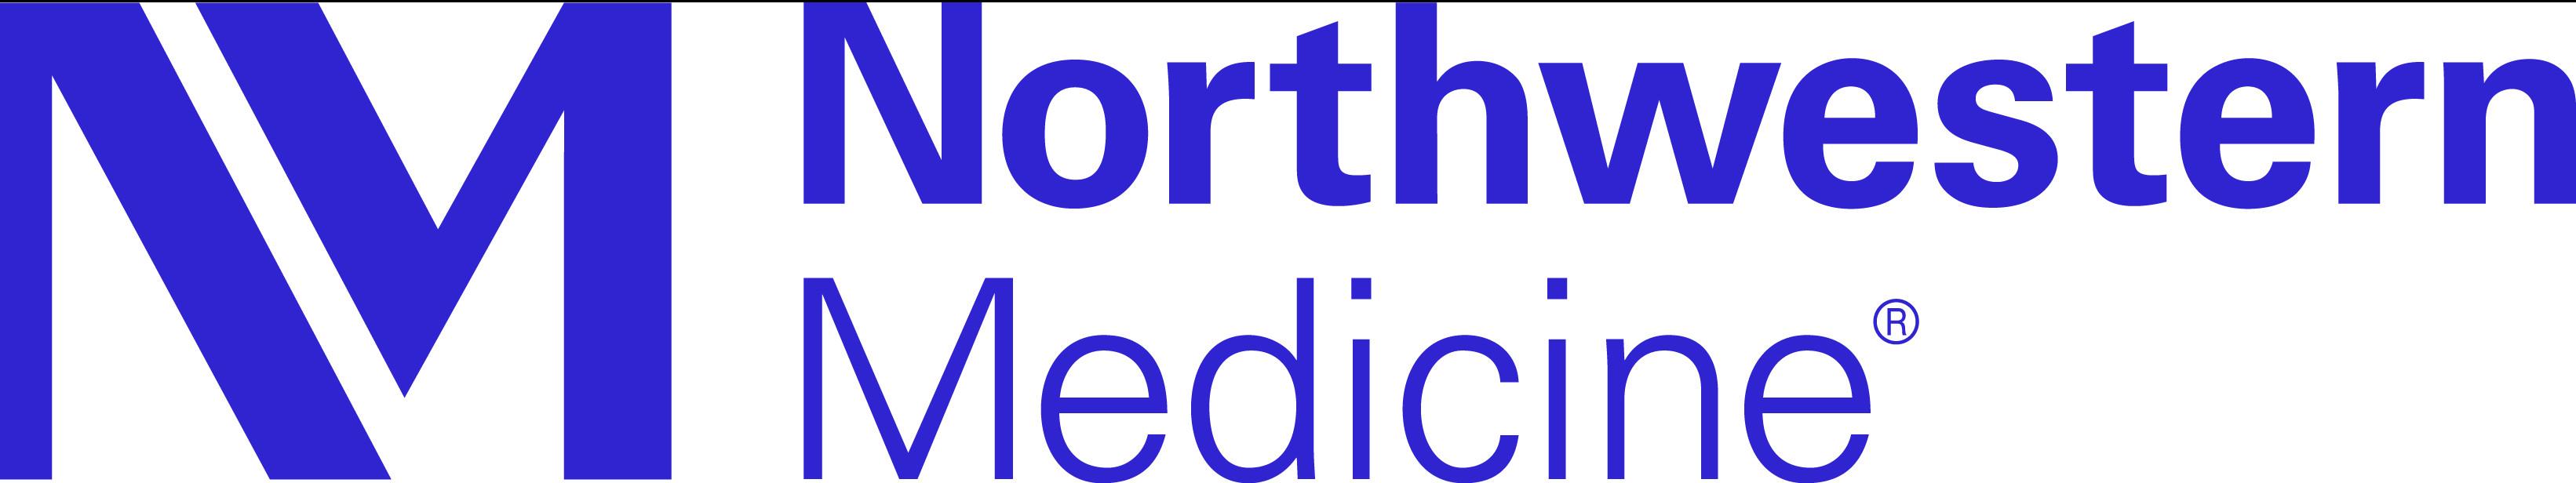 NW Medicine